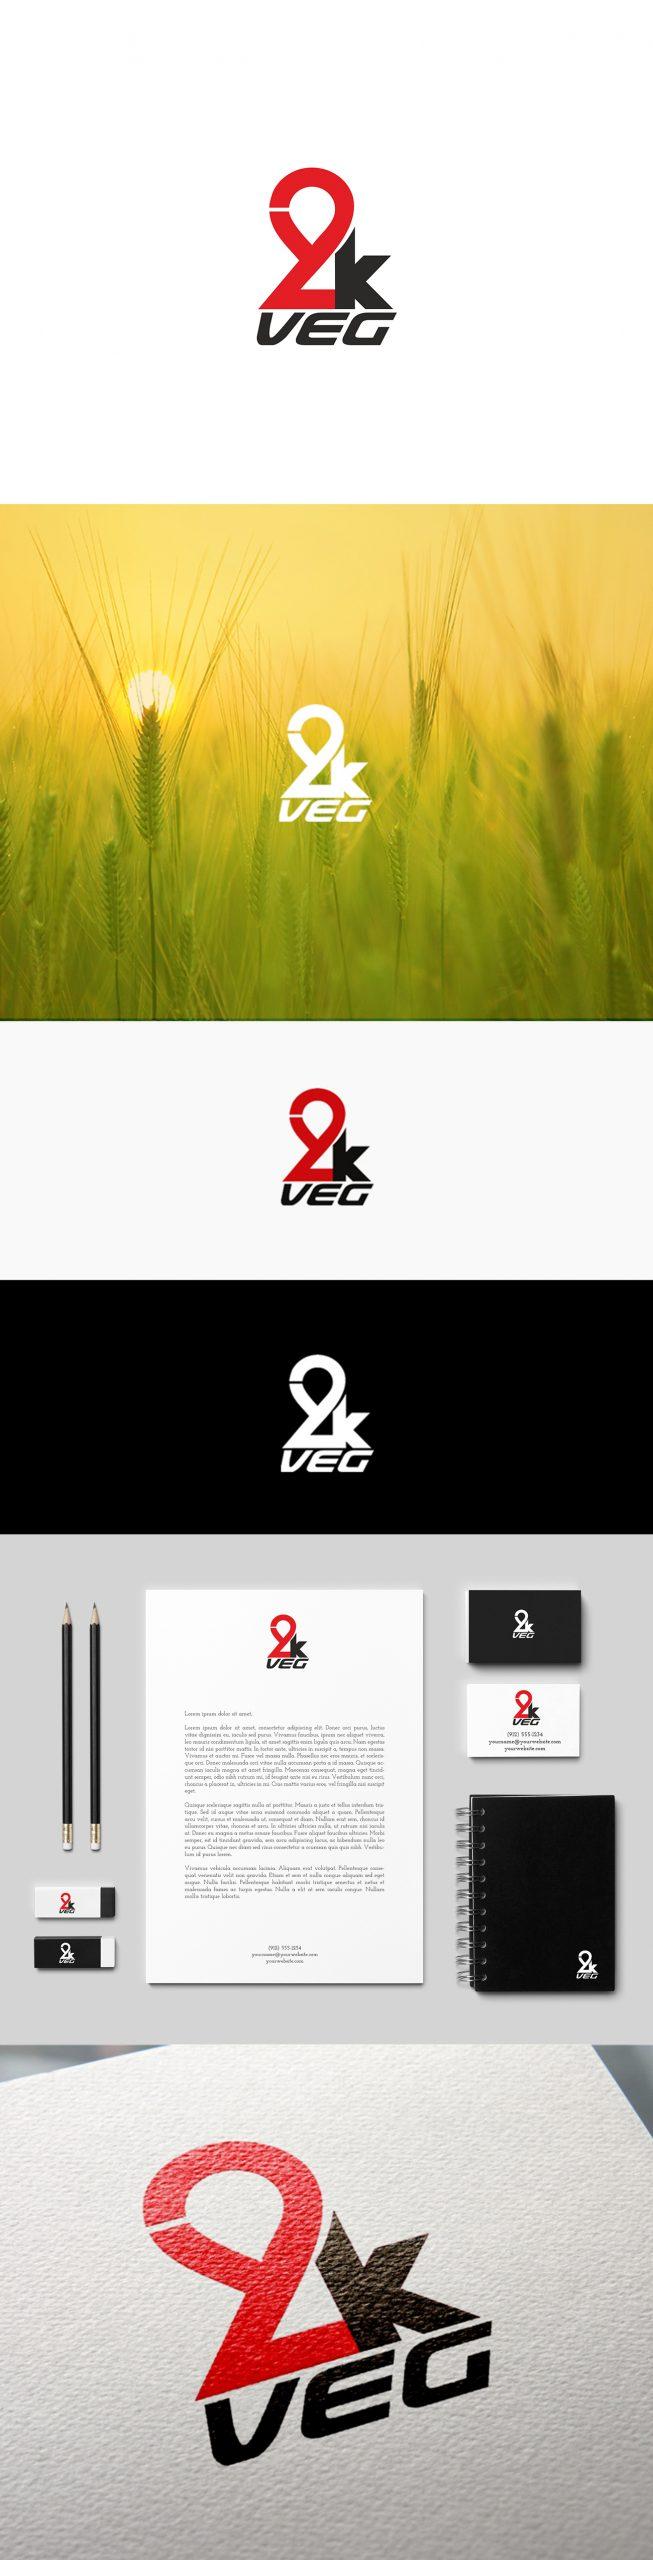 2kveg-logo tasarim